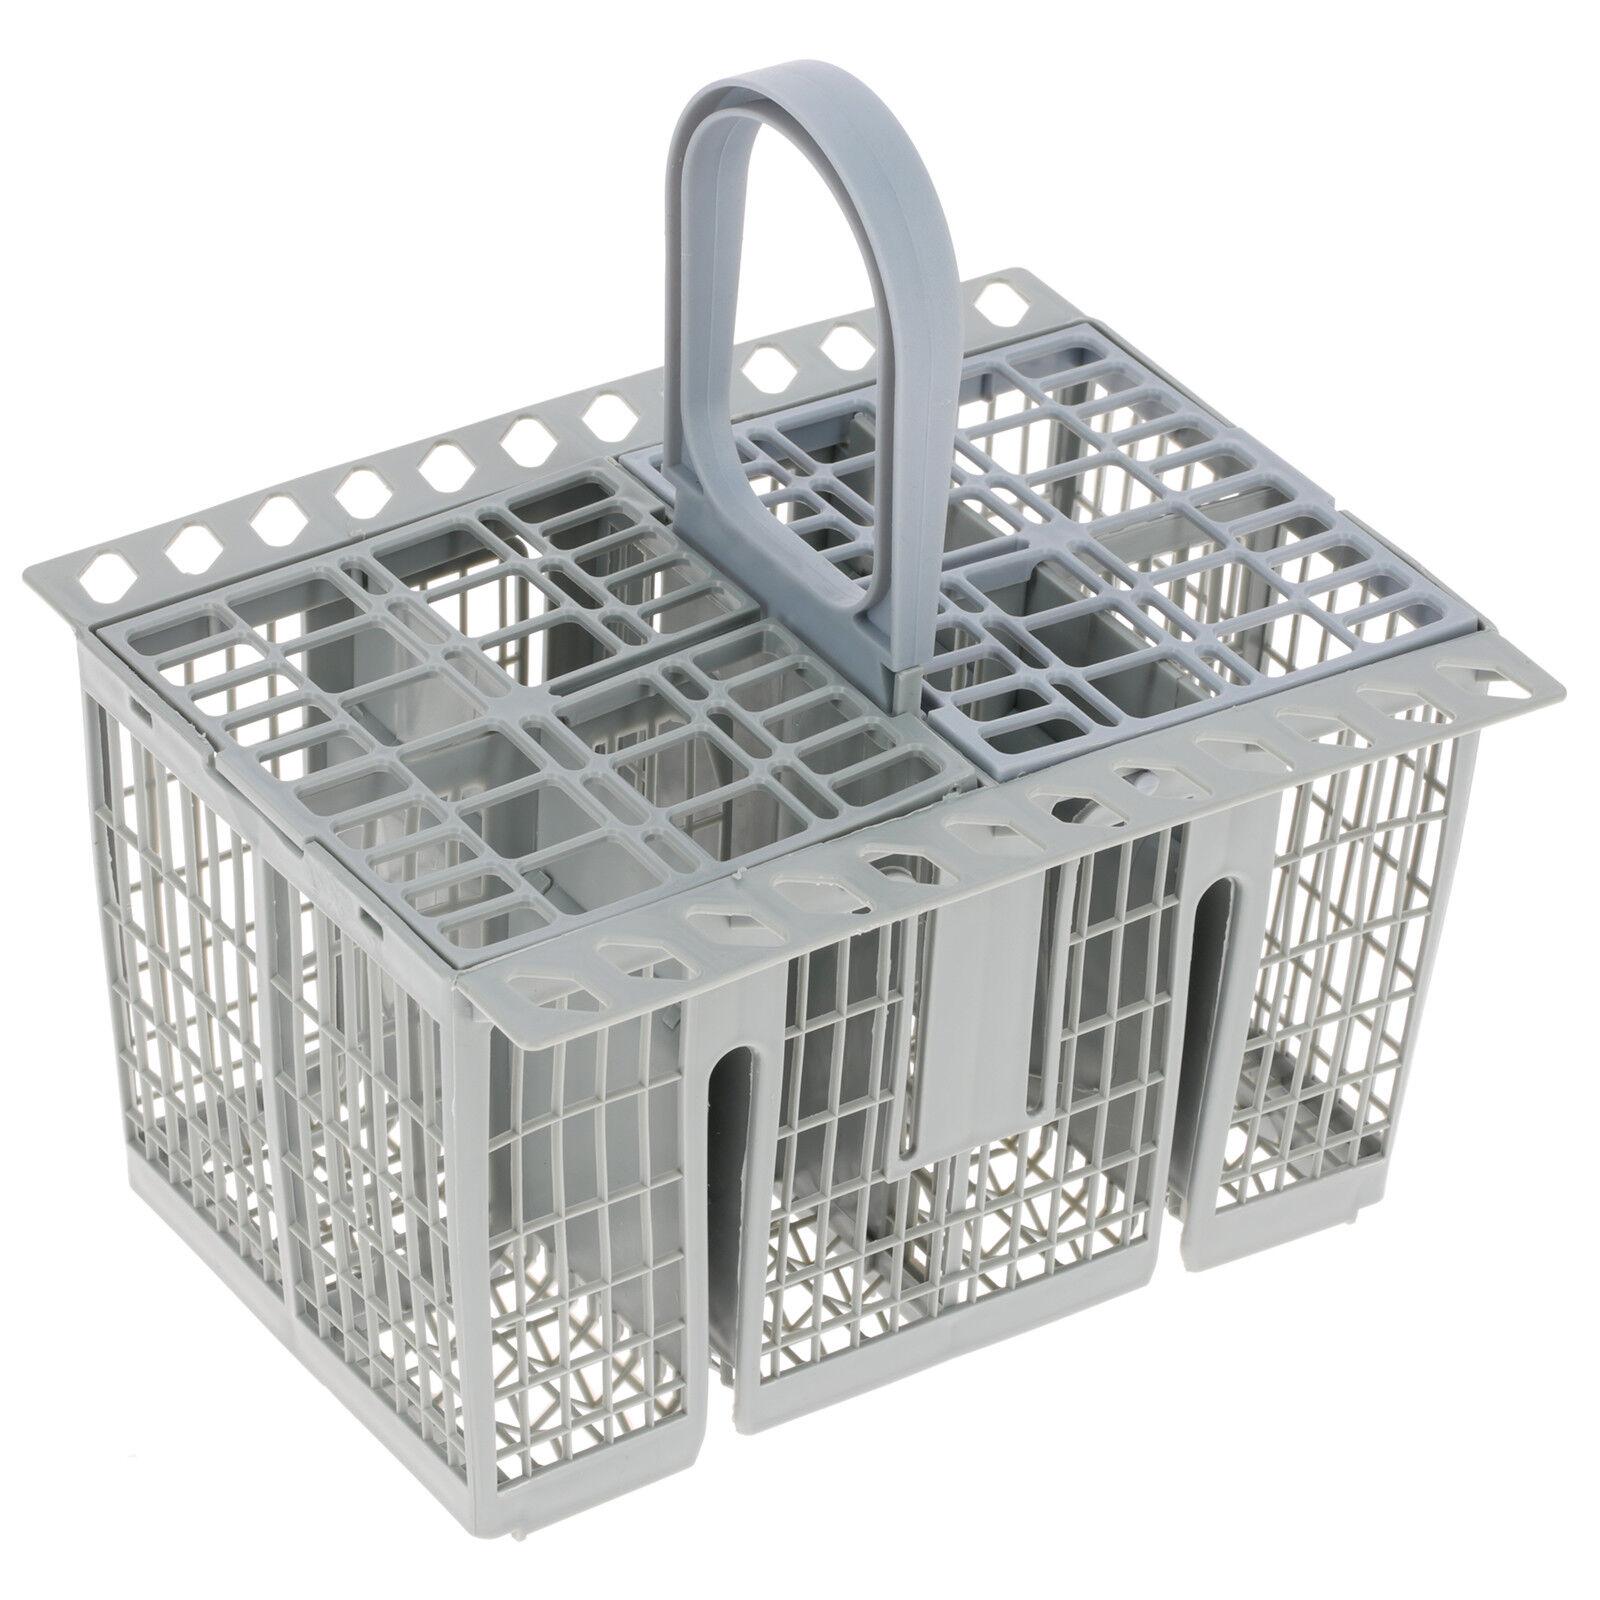 8X véritable Indesit Lave-vaisselle Panier inférieur Roues idl40suk idl40suk.c IDL40UK